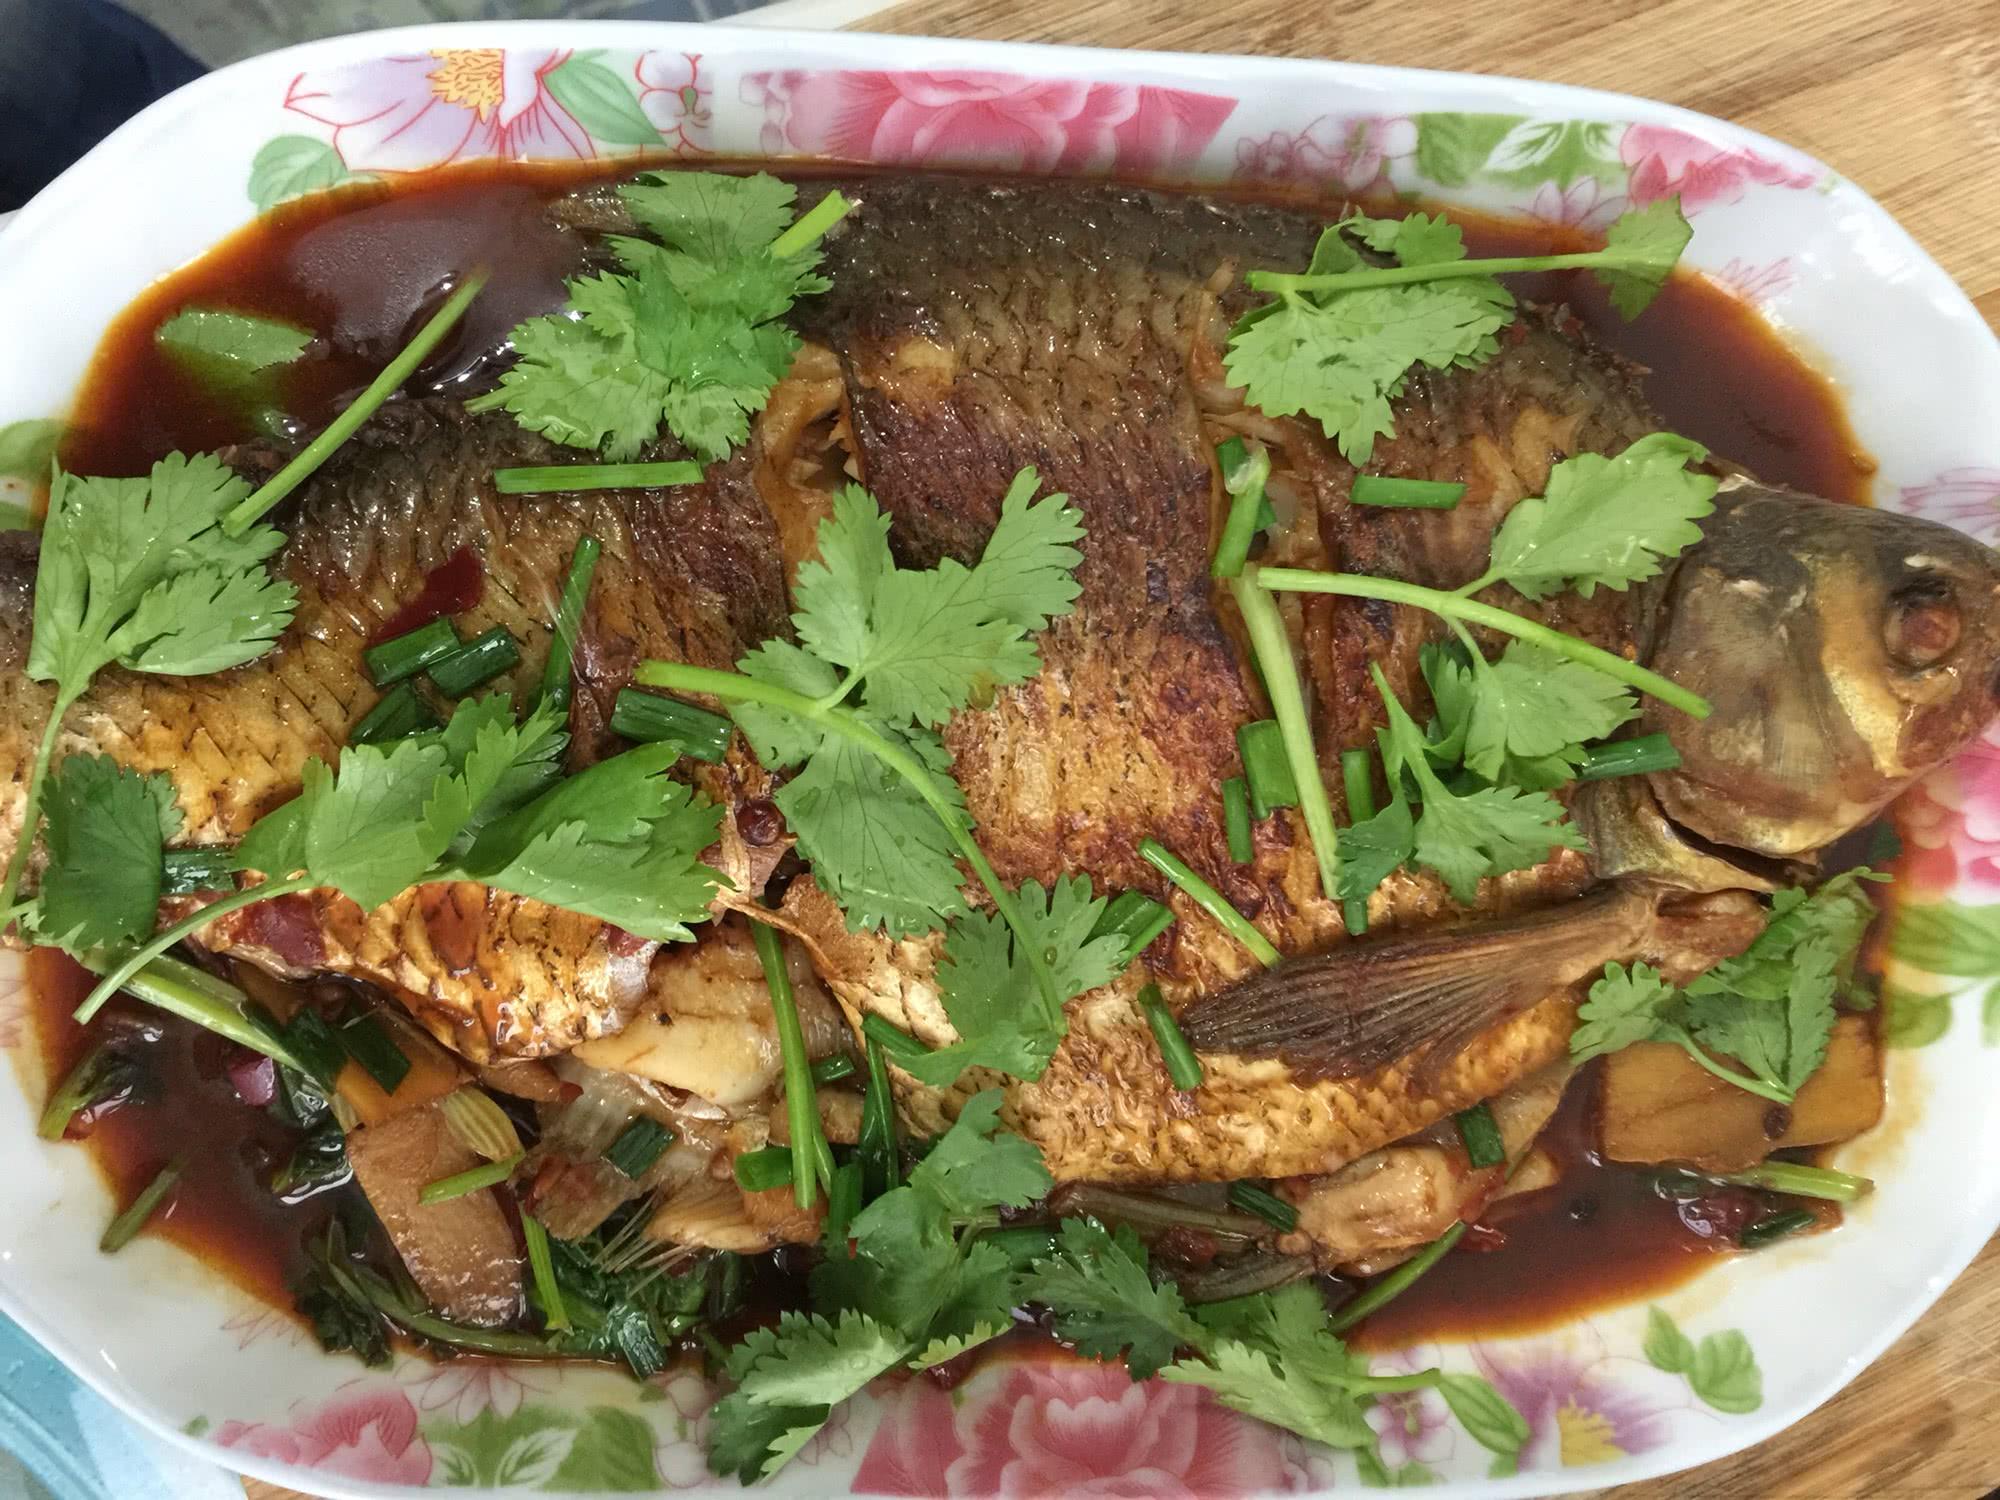 老抽适量 盐适量 胡椒适量 鸡精适量 2棵 糖适量 红烧鳊鱼的做法步骤